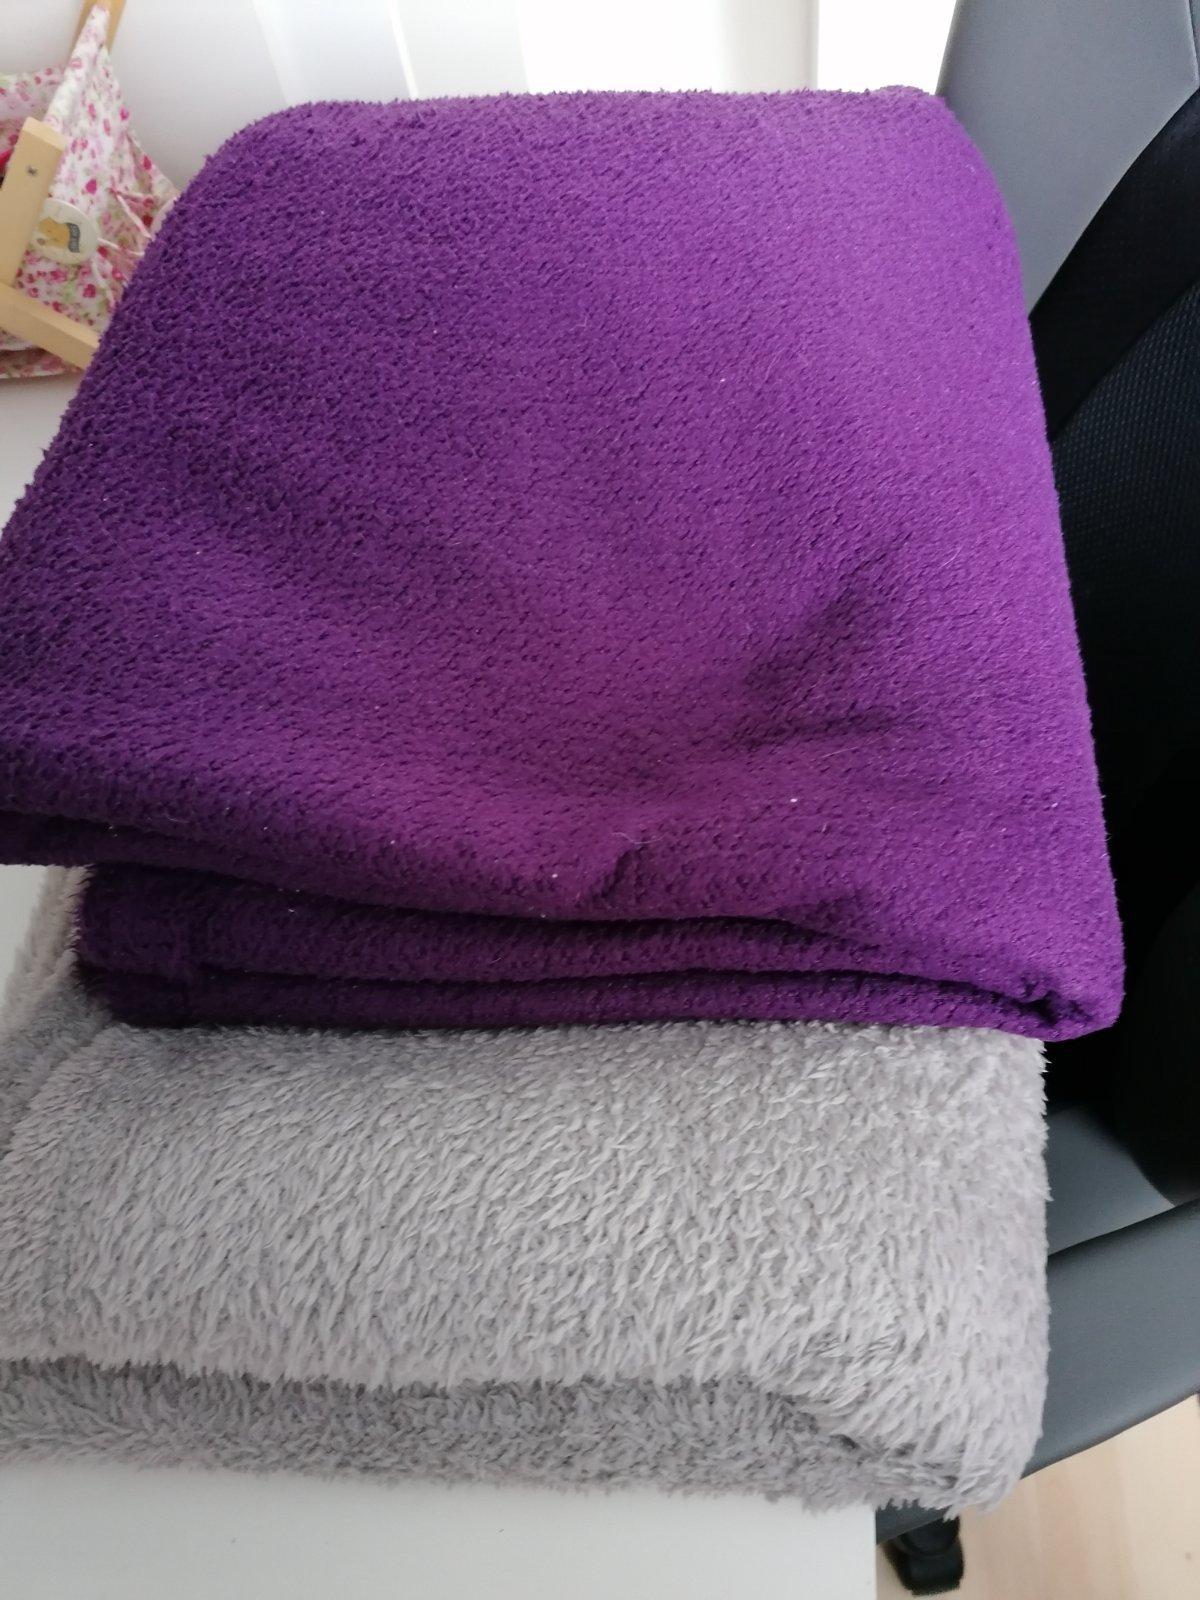 Dva ks flausova deka - Obrázok č. 1